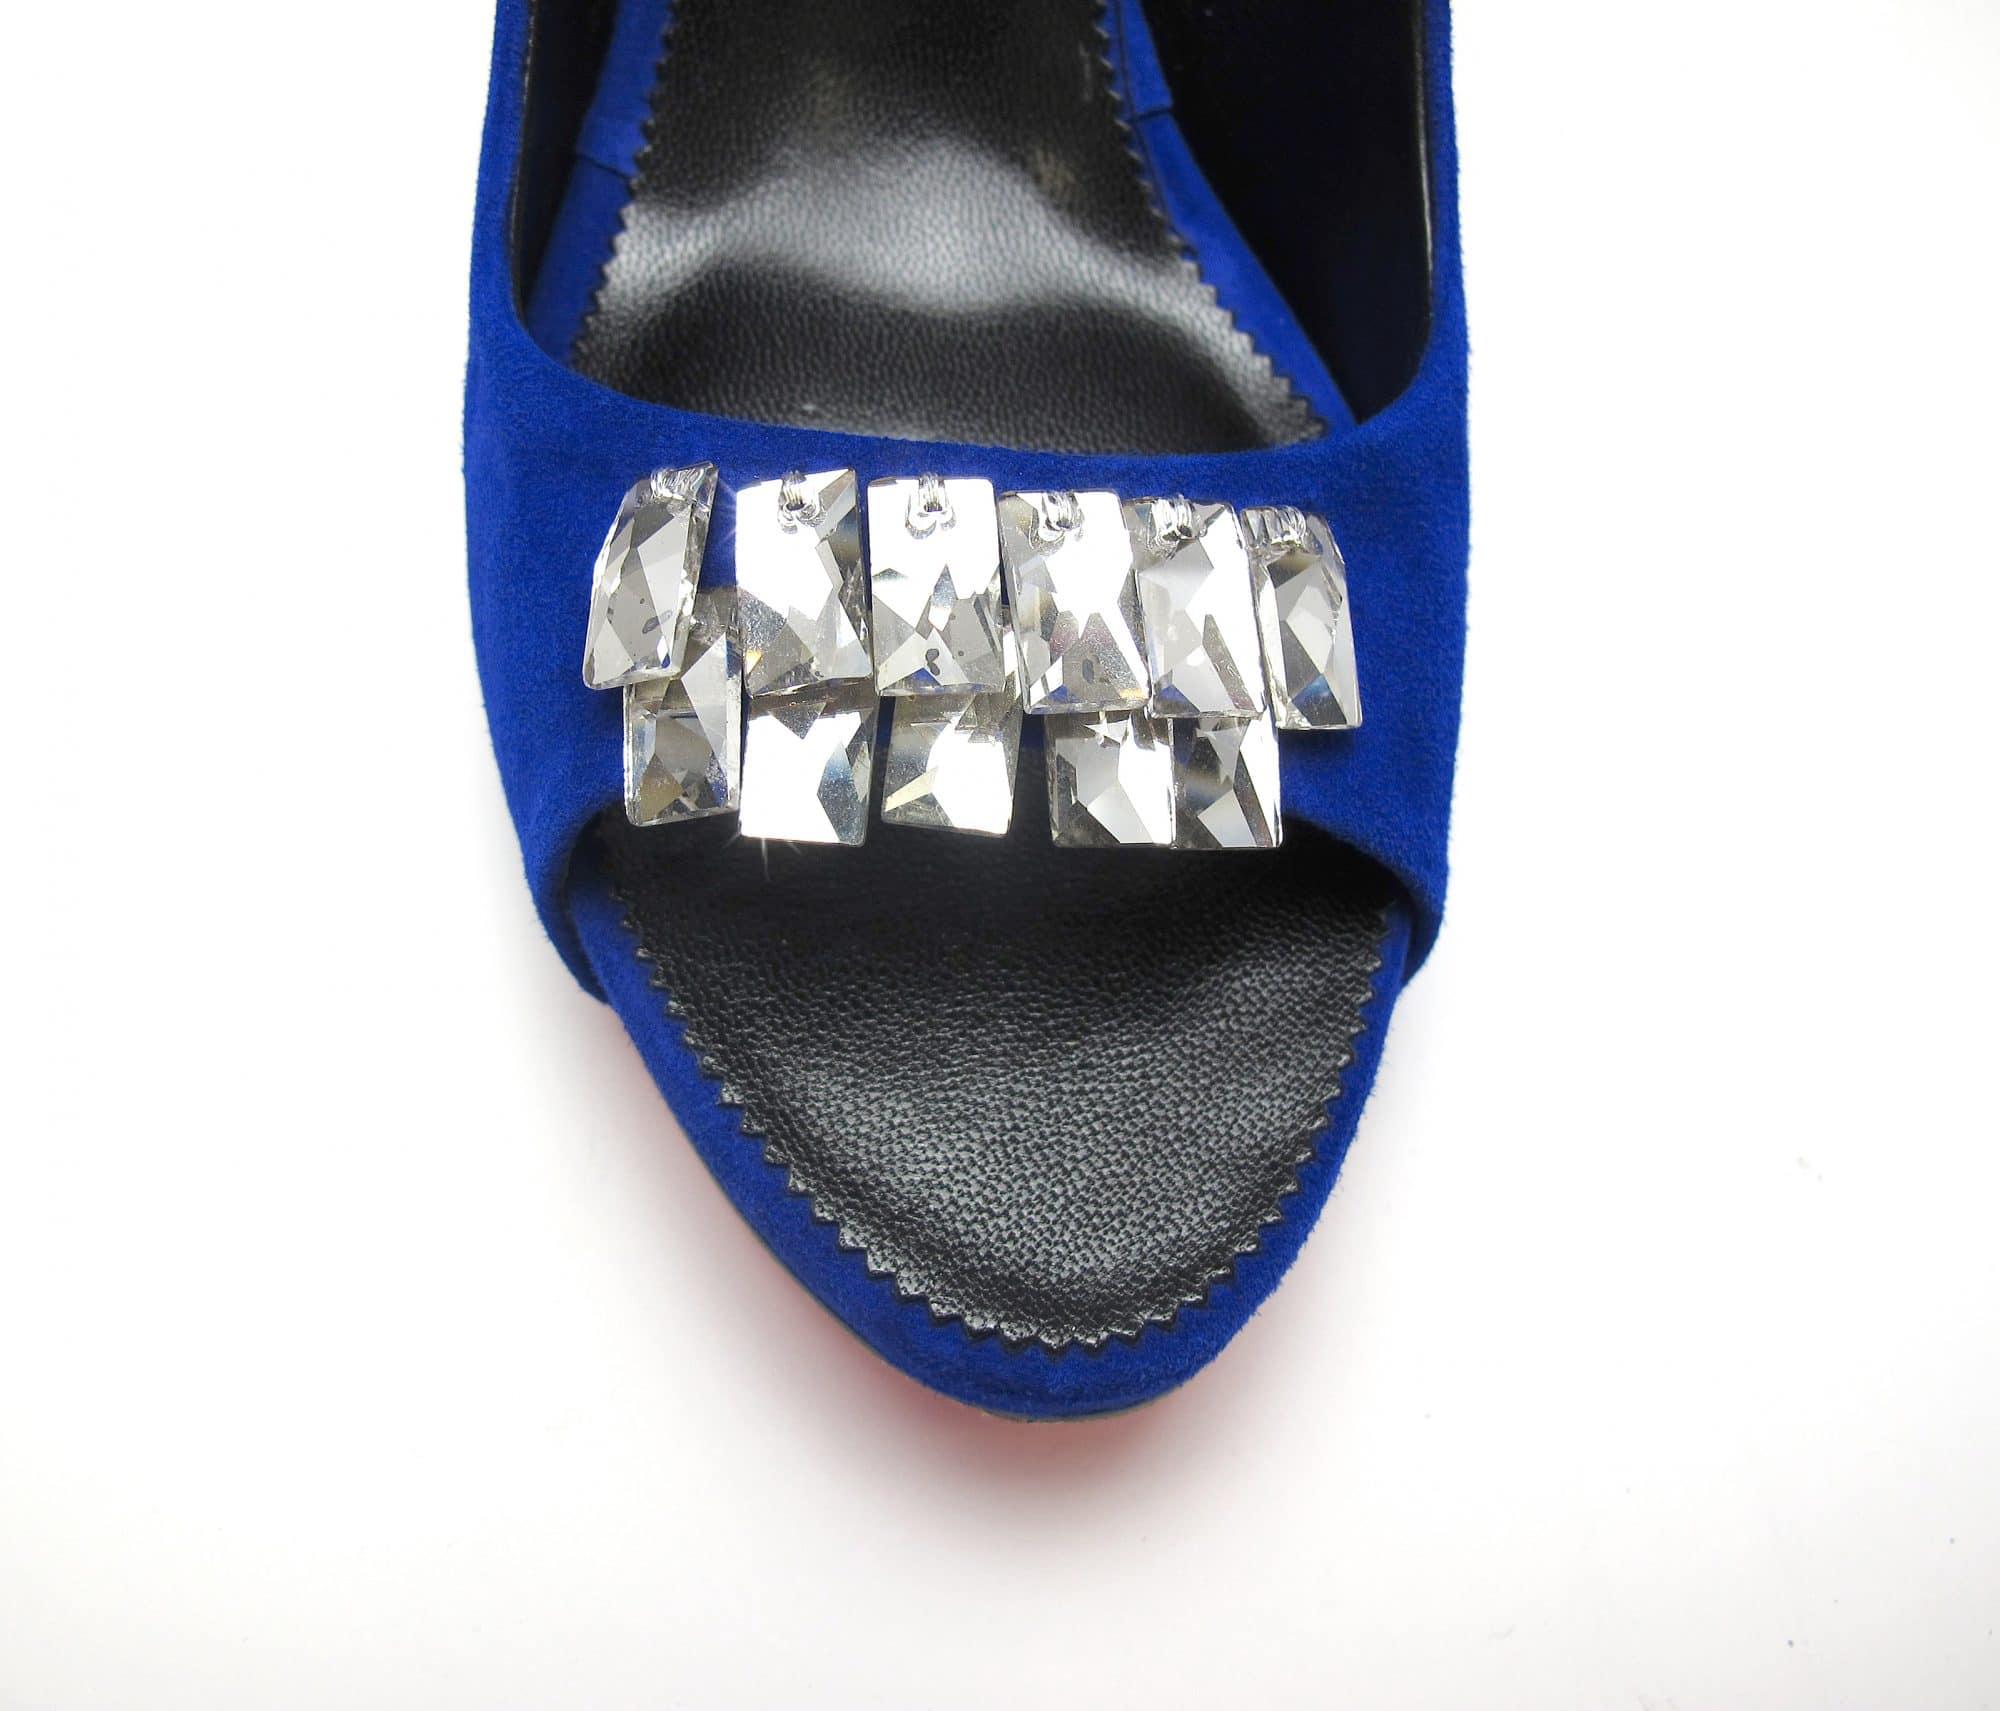 Suecomma Bonnie Blue Suede Peep Toe heels with Swarovski Crystals